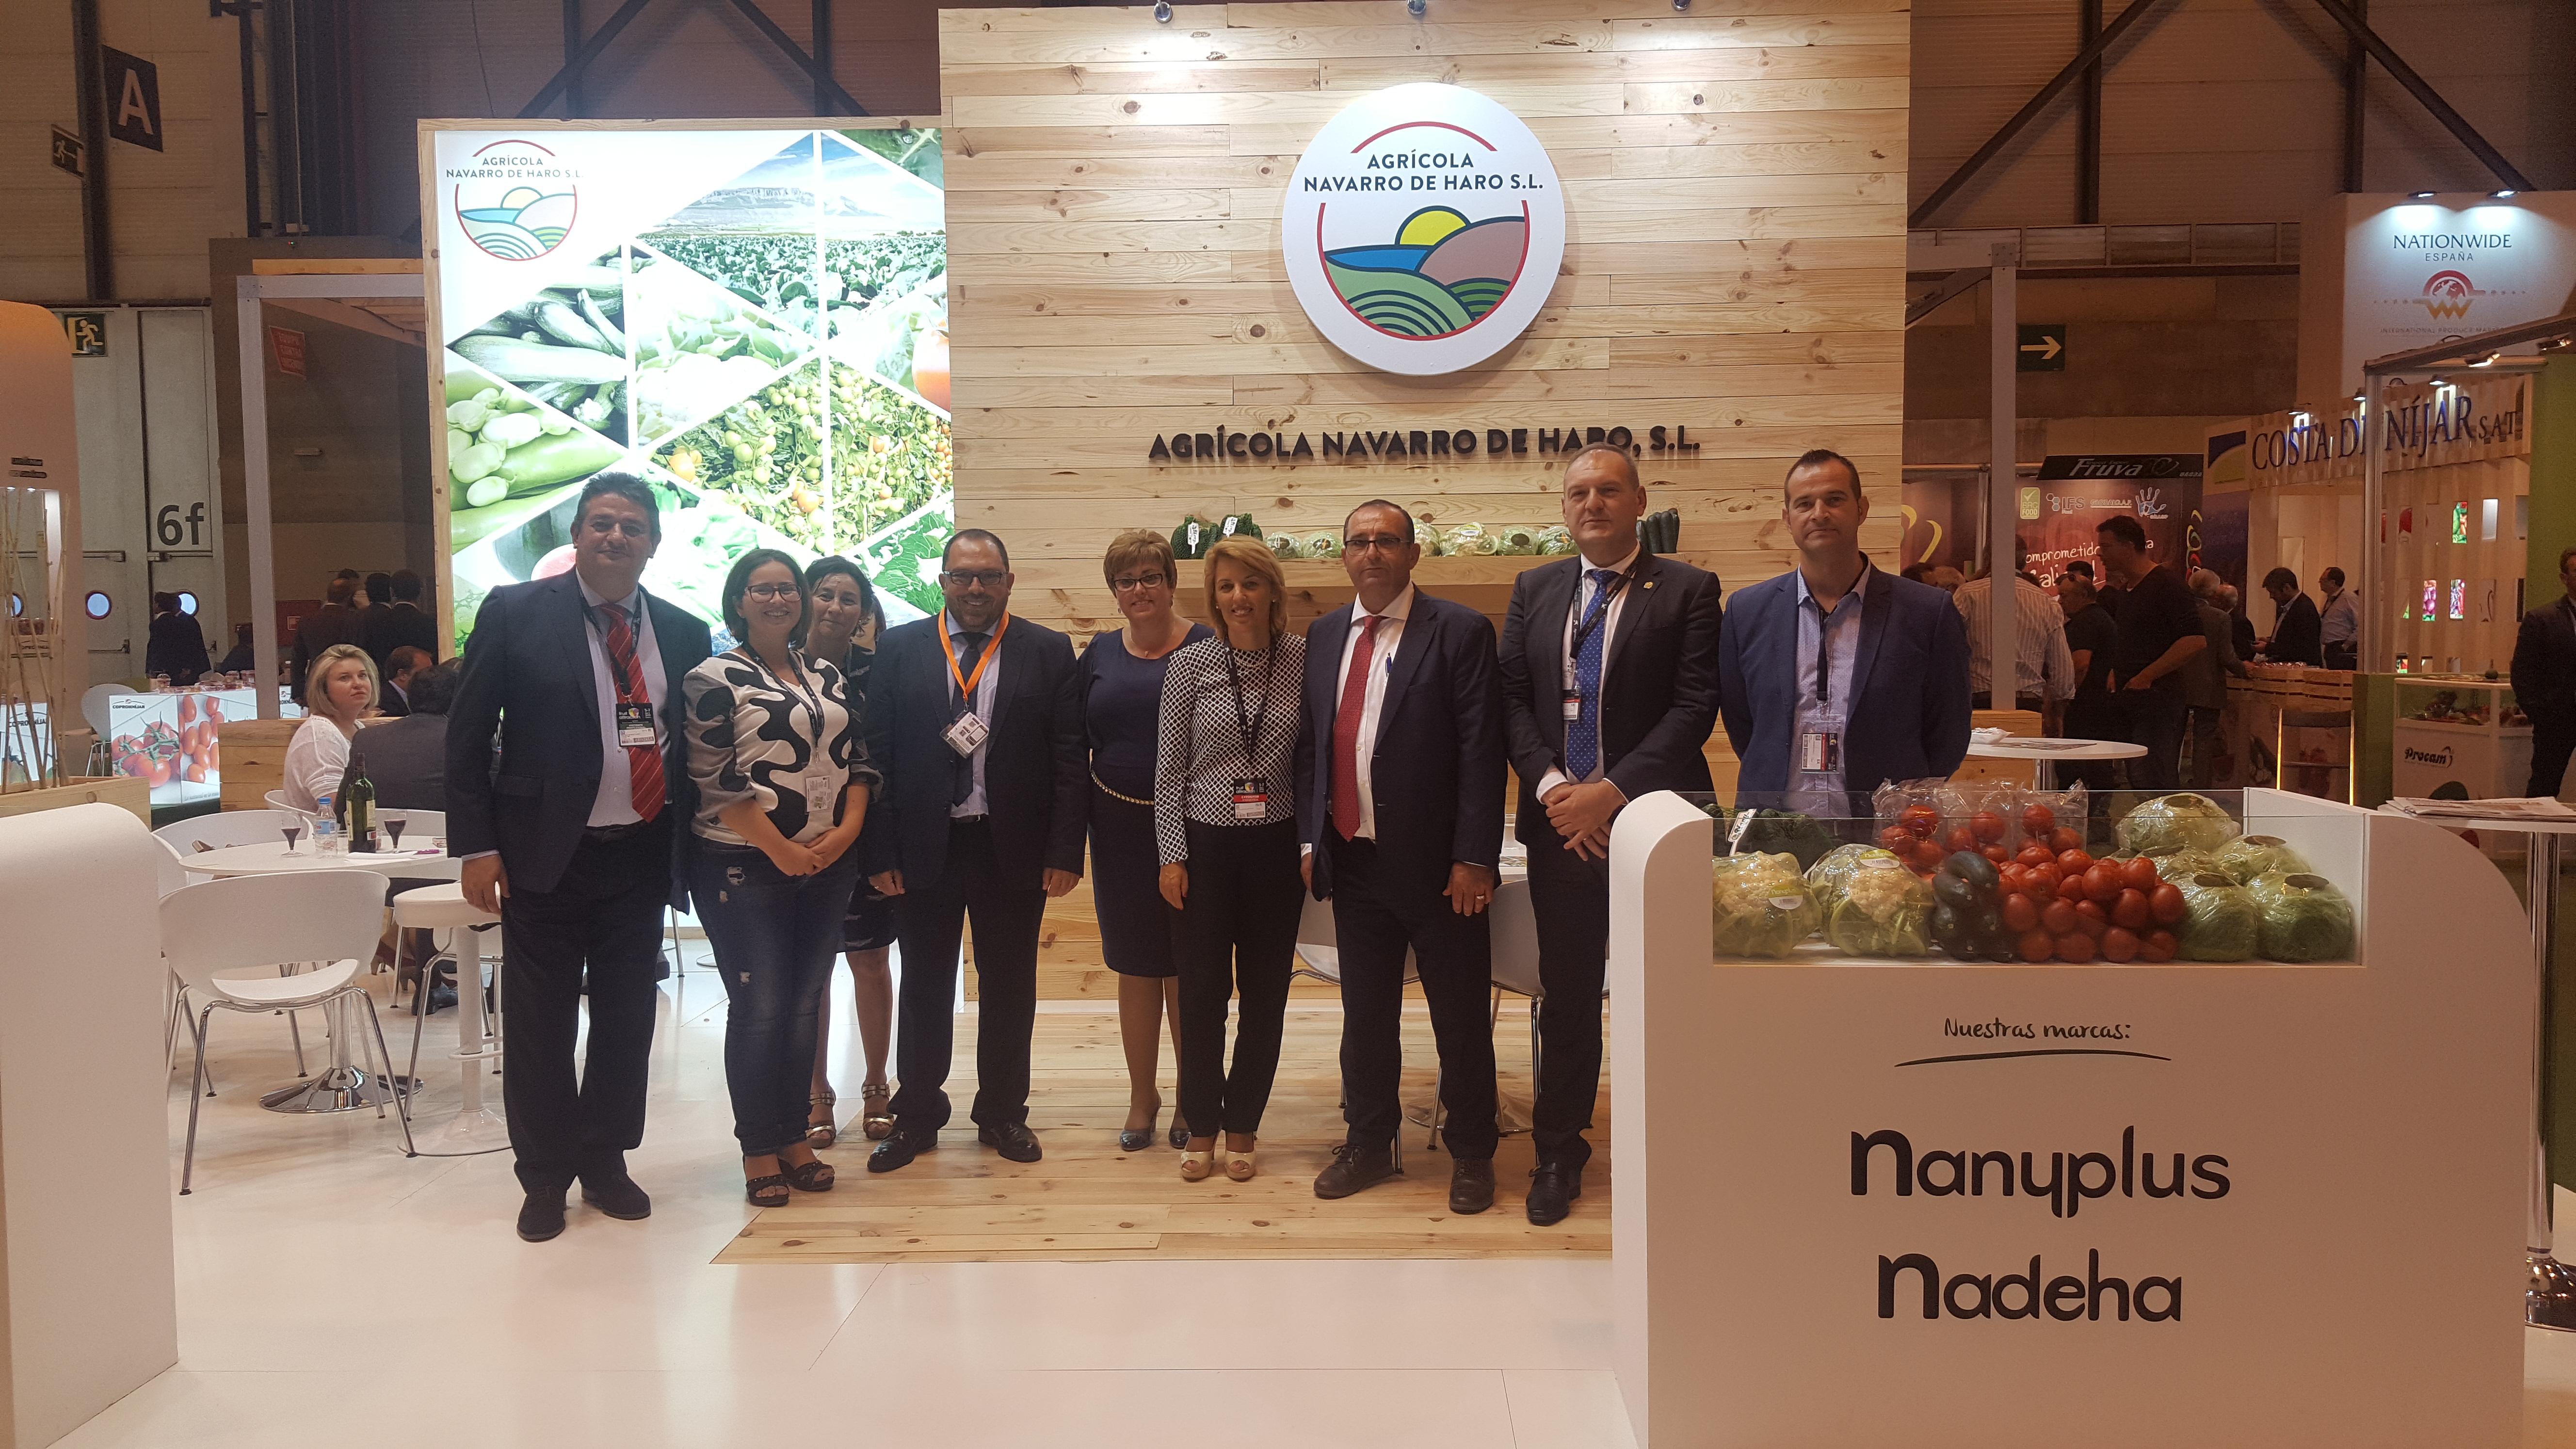 Miembros de la corporación Municipal de Cuevas del Almanzora y de la Diputación de Almería en el stand de Agrícola Navarro de Haro